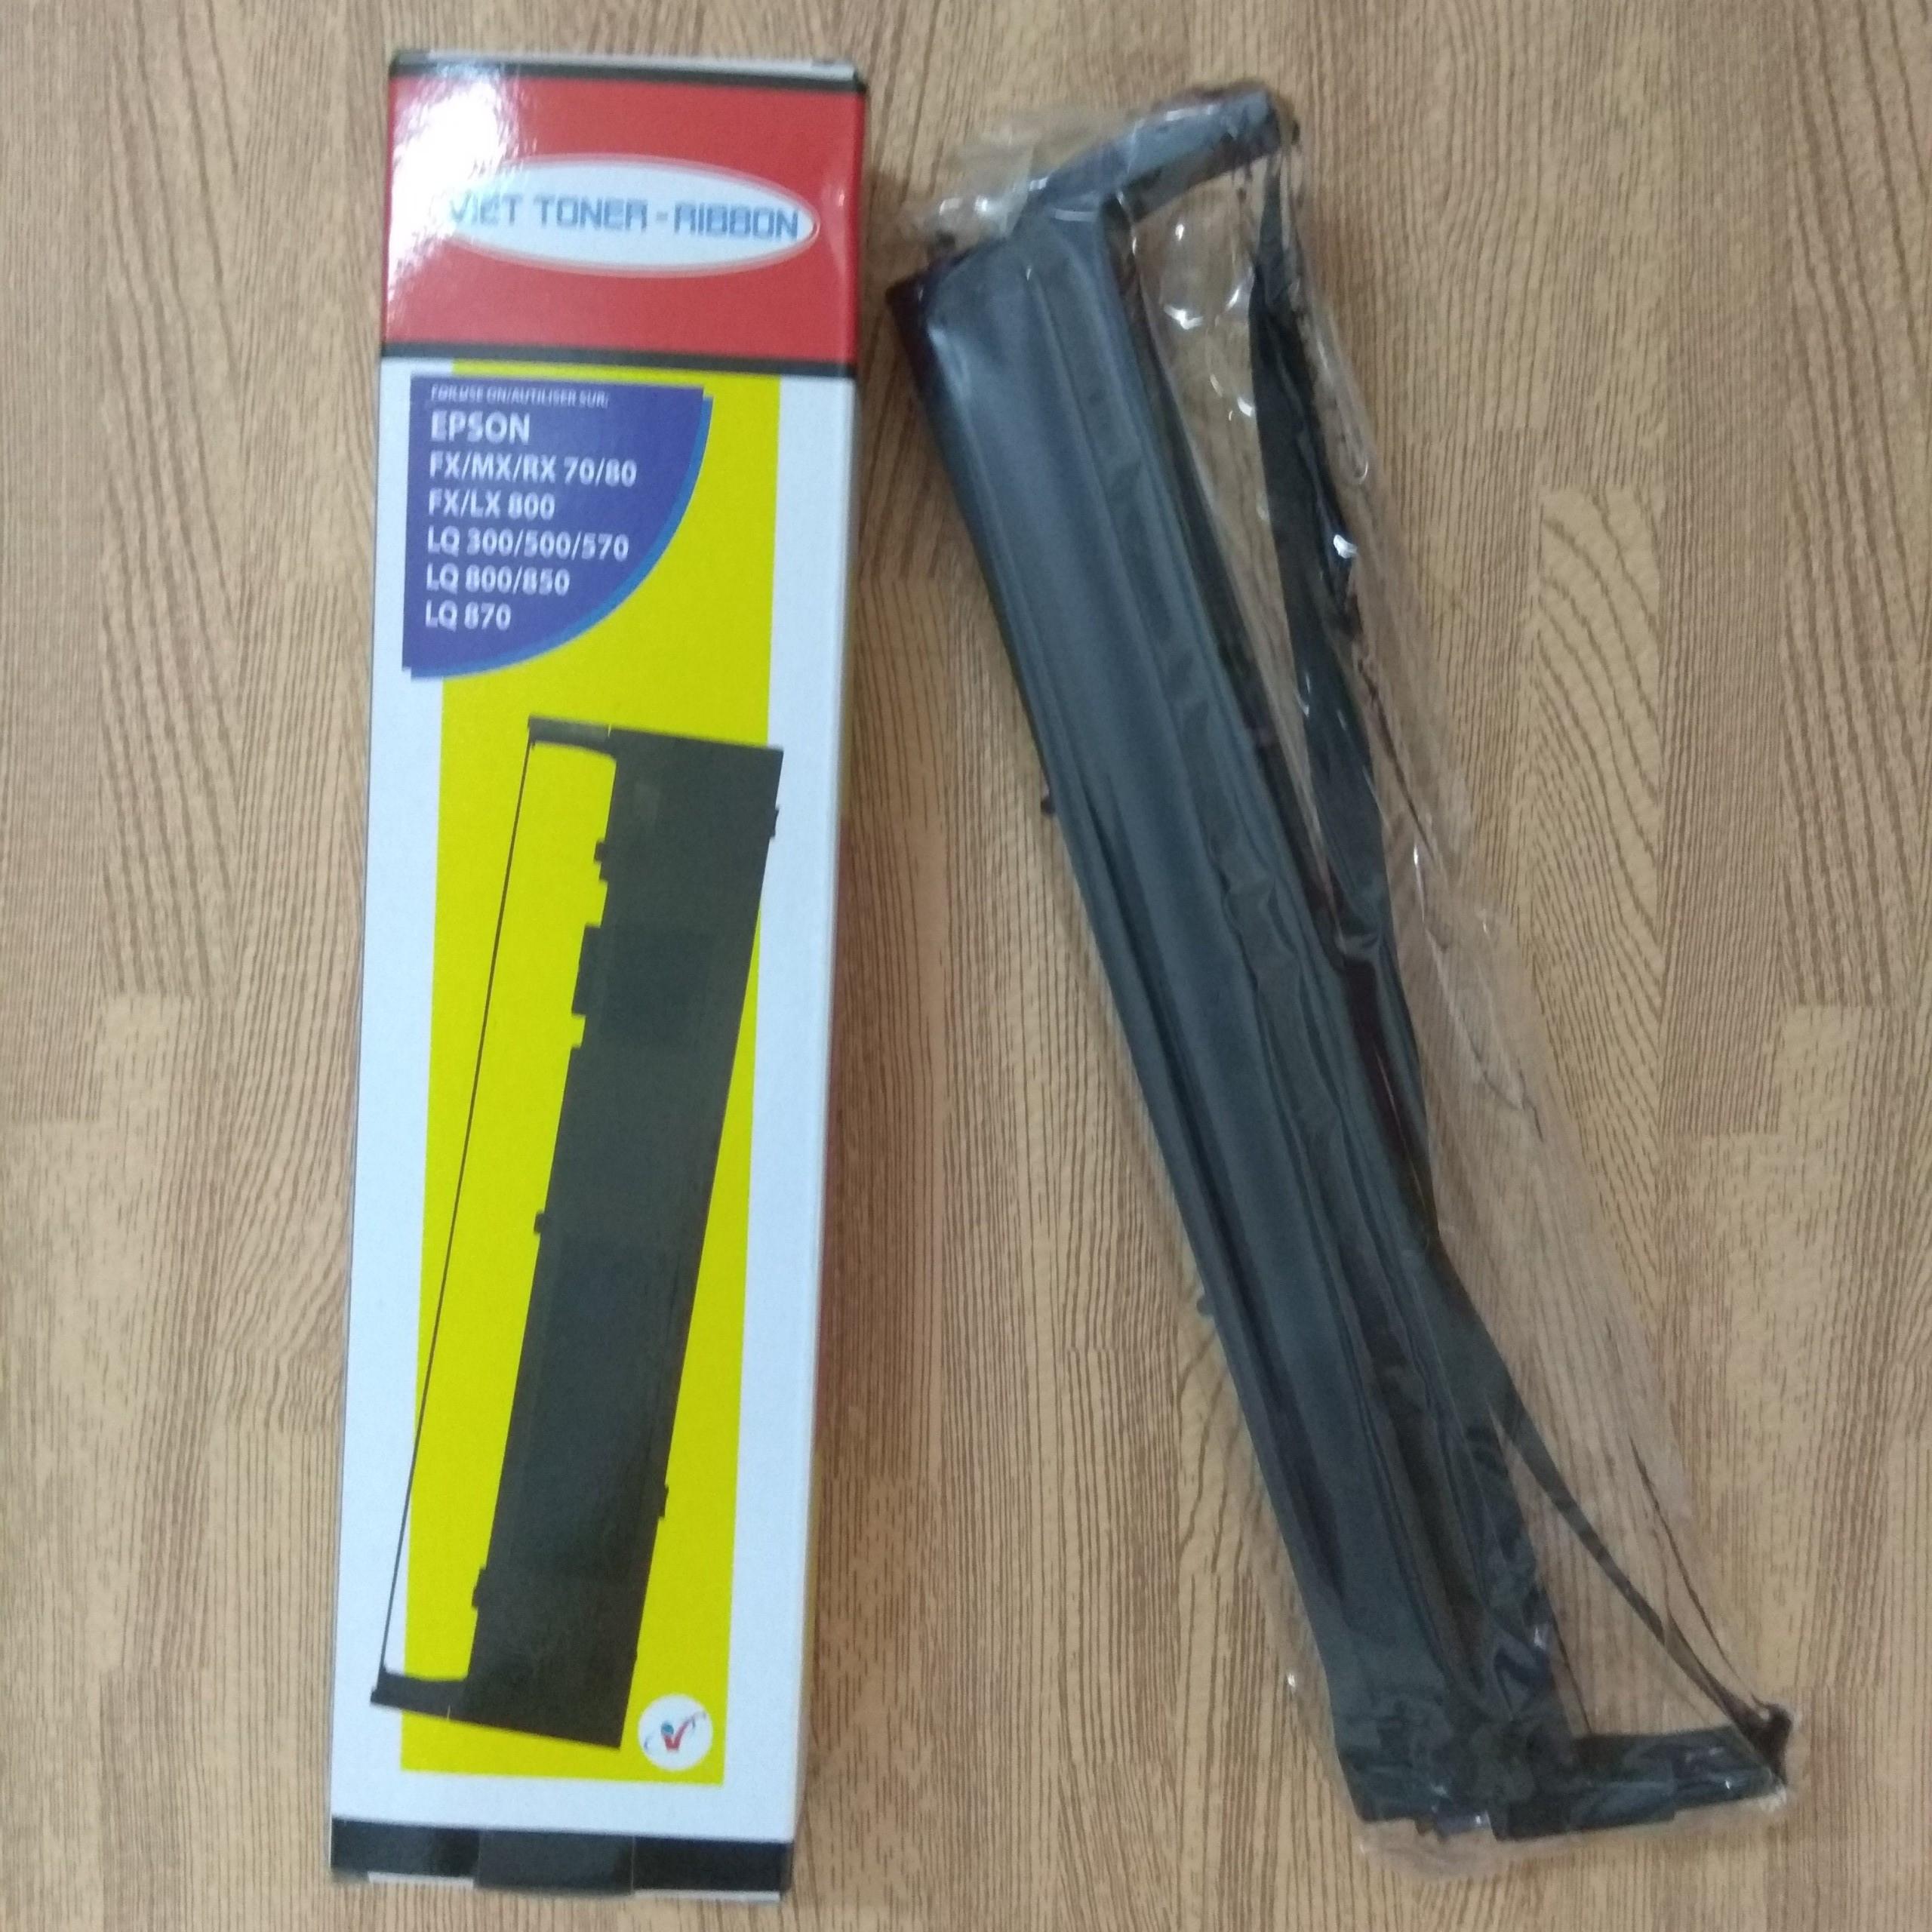 Ruy băng, ribbon mực máy in kim Epson LQ300, LQ500, LQ570, LQ800